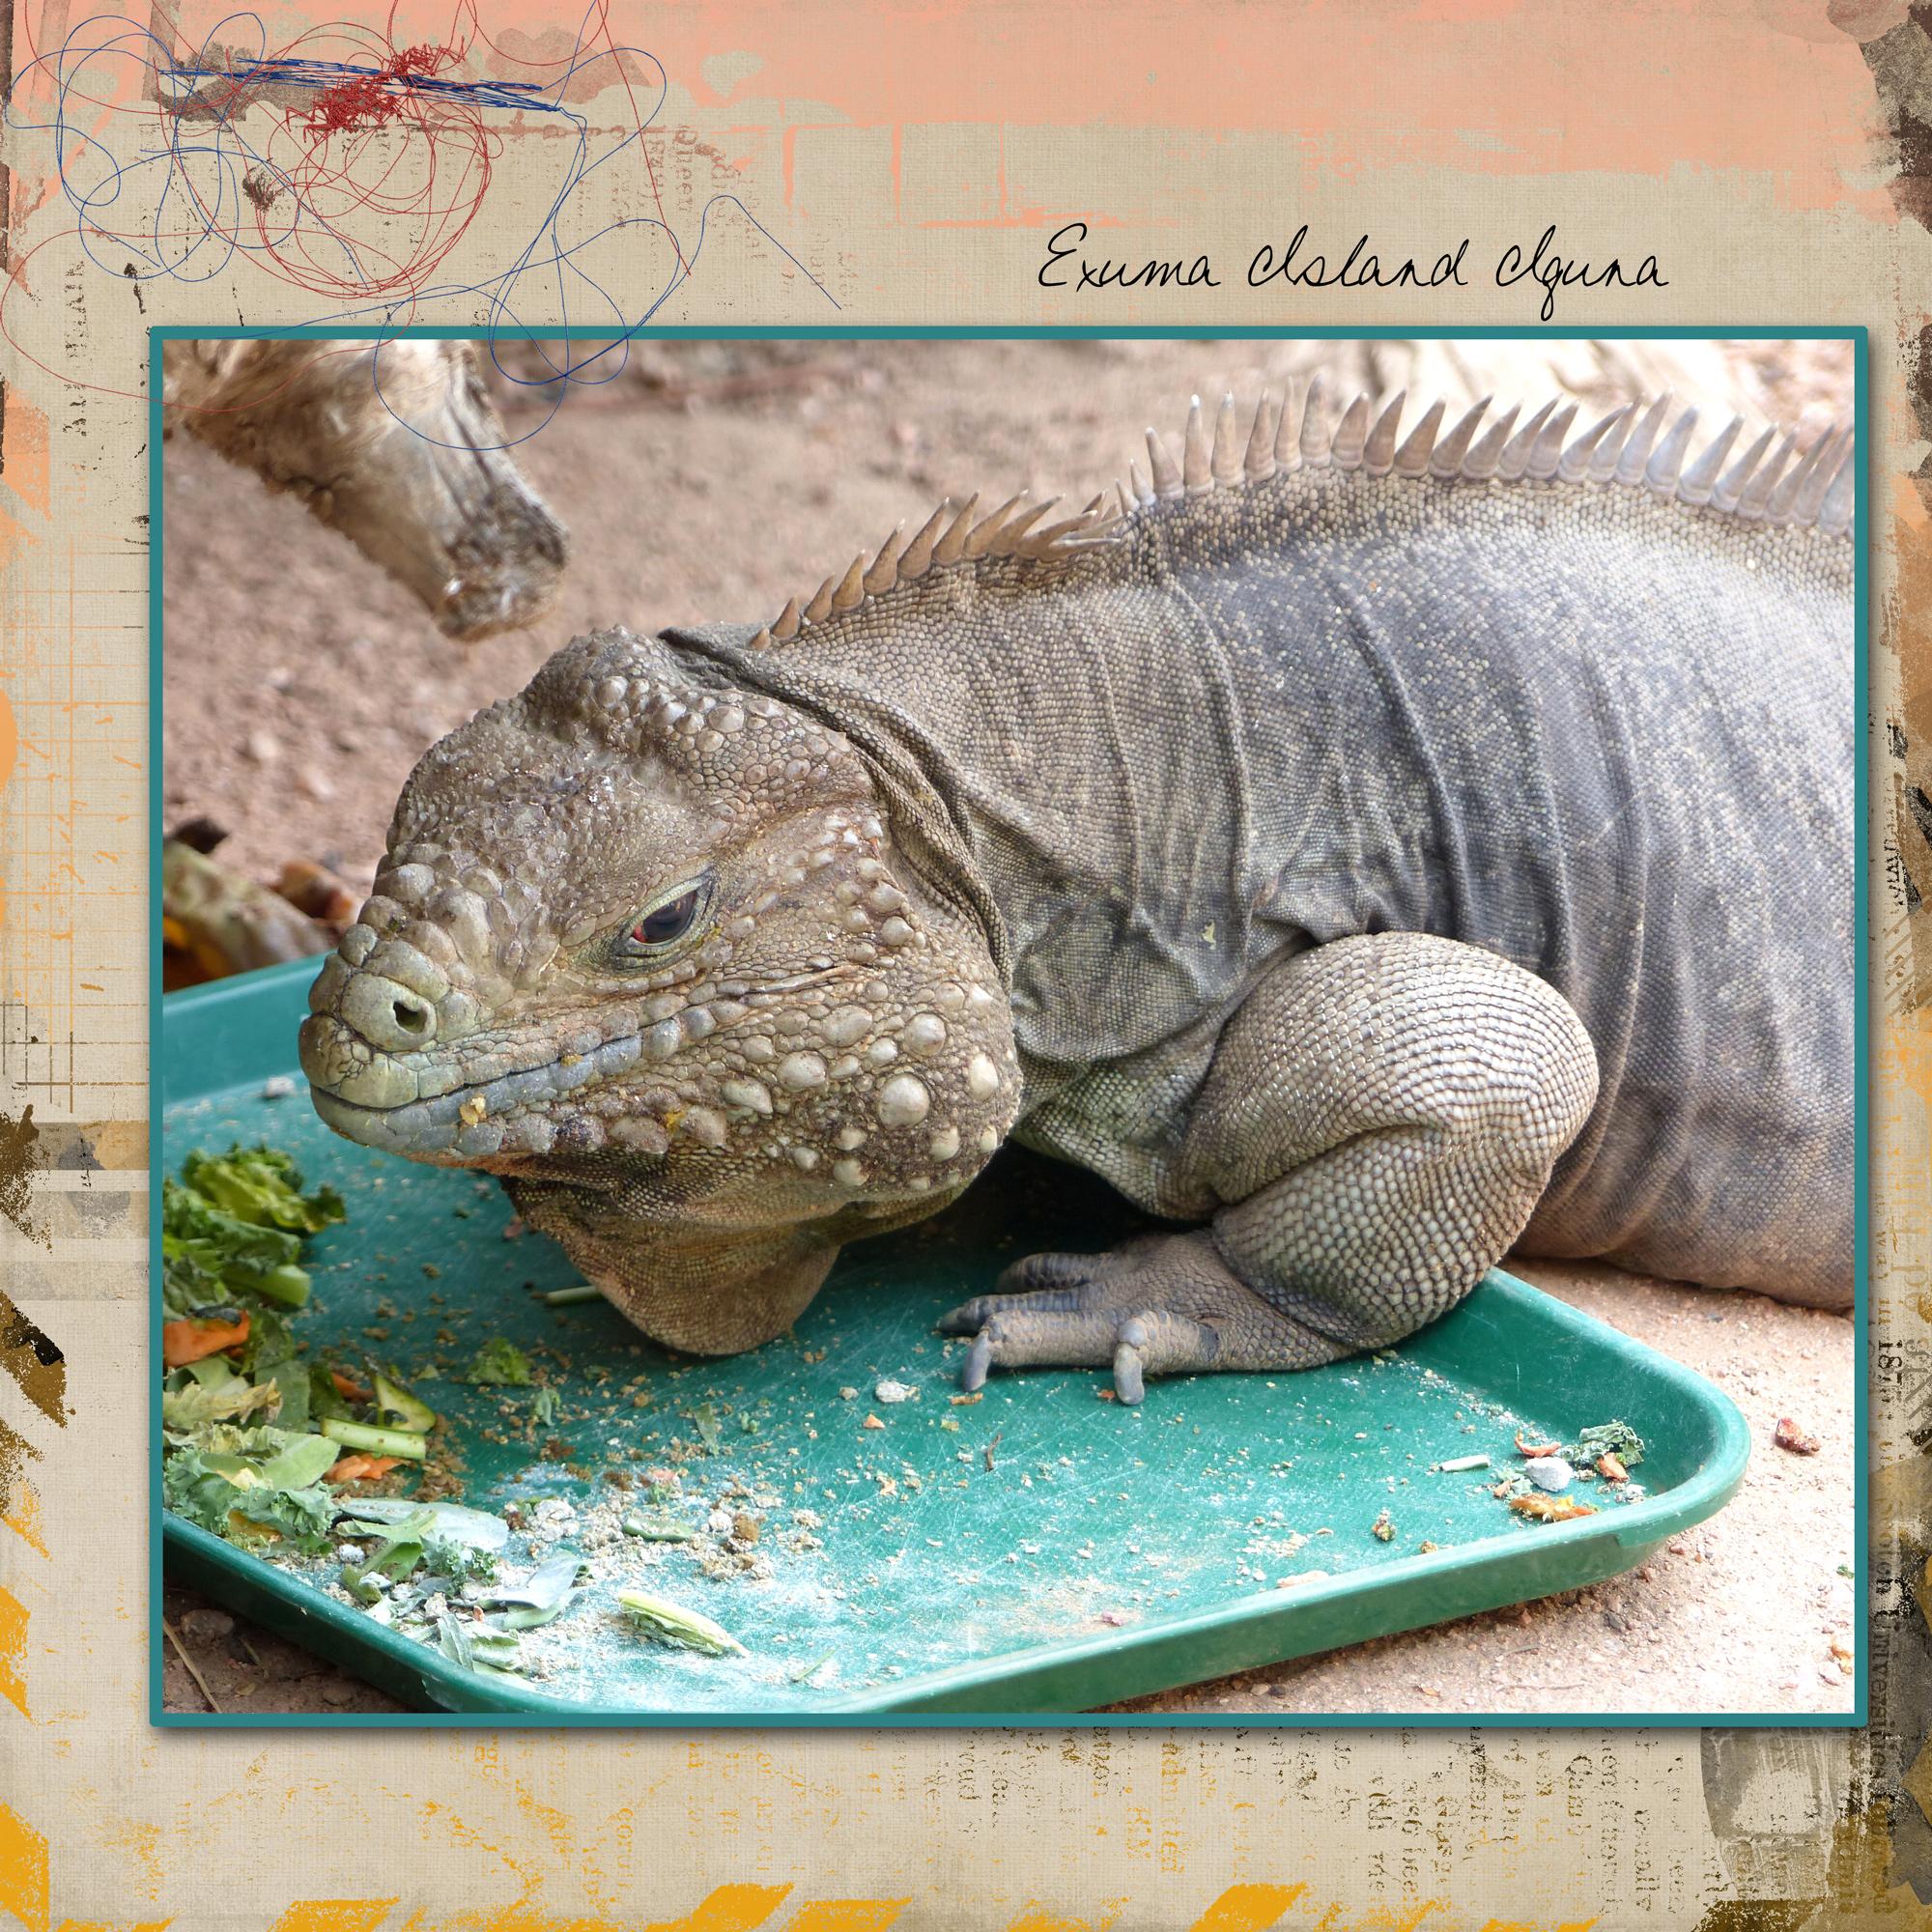 exuma_island_iguana